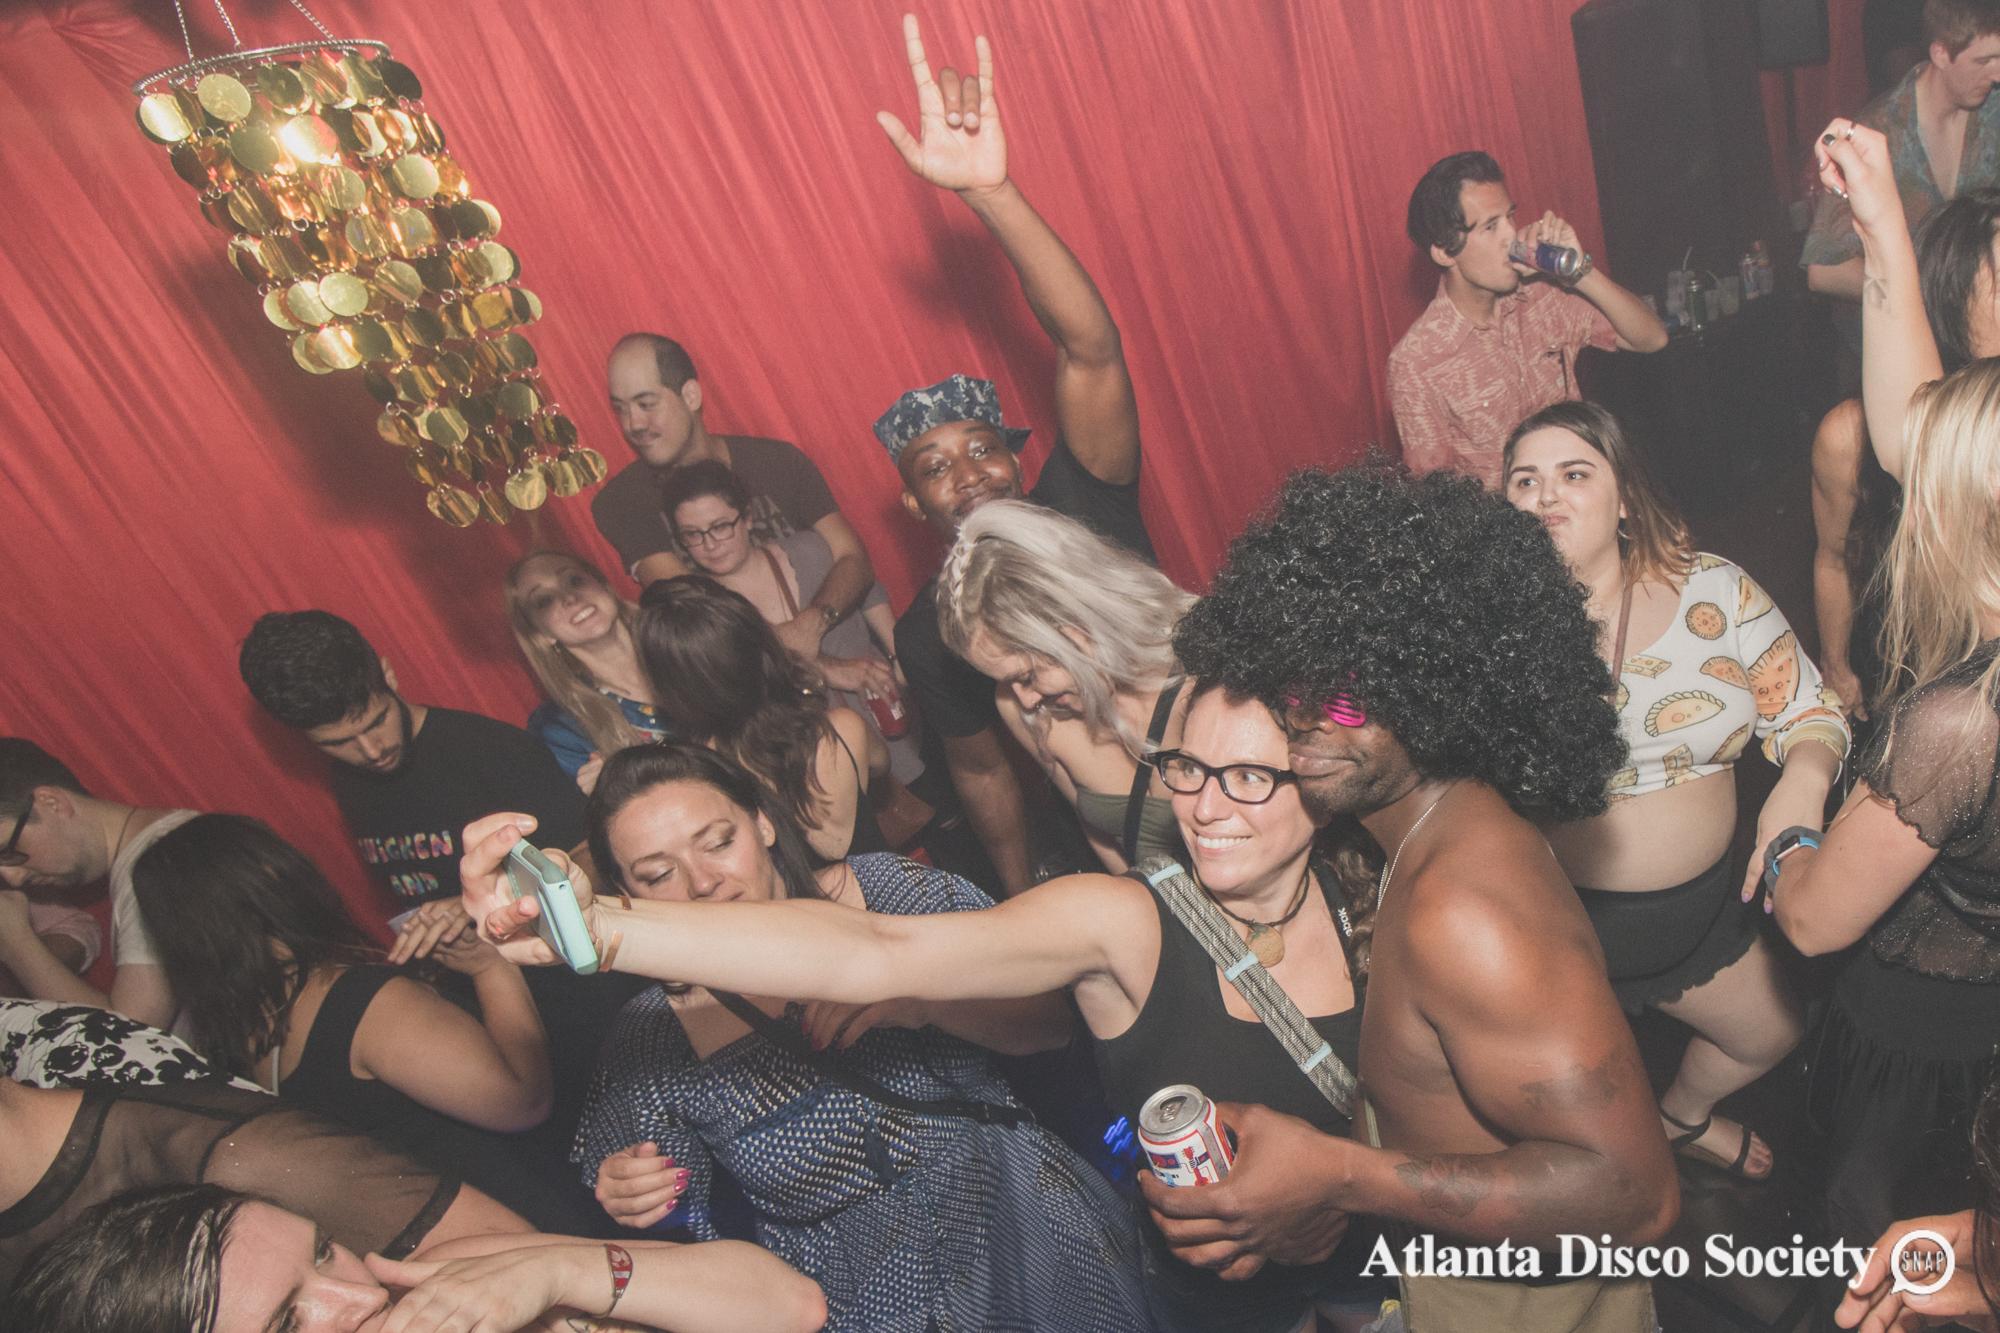 161Atlanta Disco Society Grace Kelly Oh Snap Kid 7.27.19.jpg